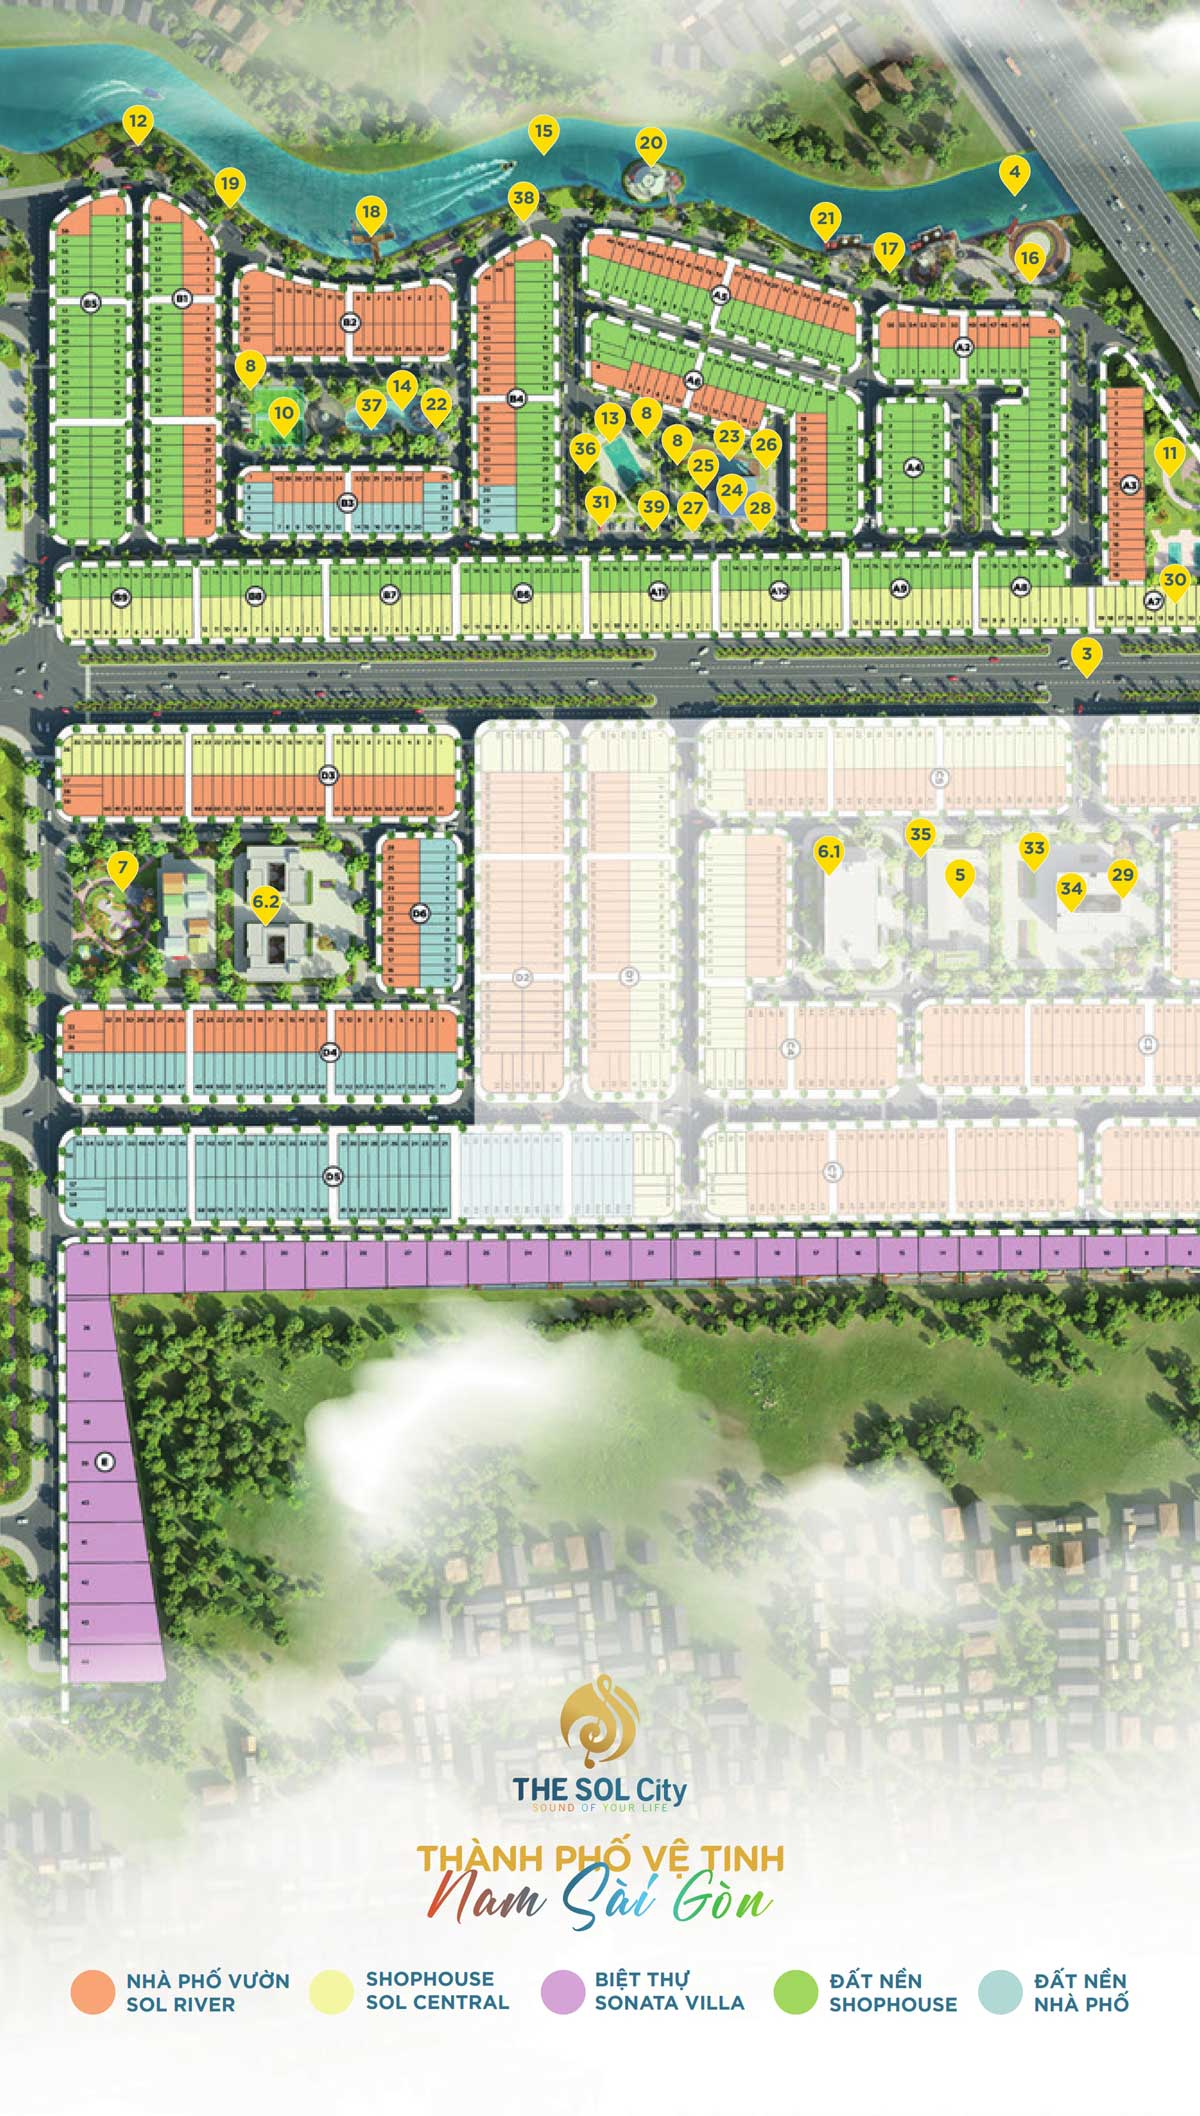 Dự án đất nền The Sol City Nam Sài Gòn, Cần Giuộc, Long An